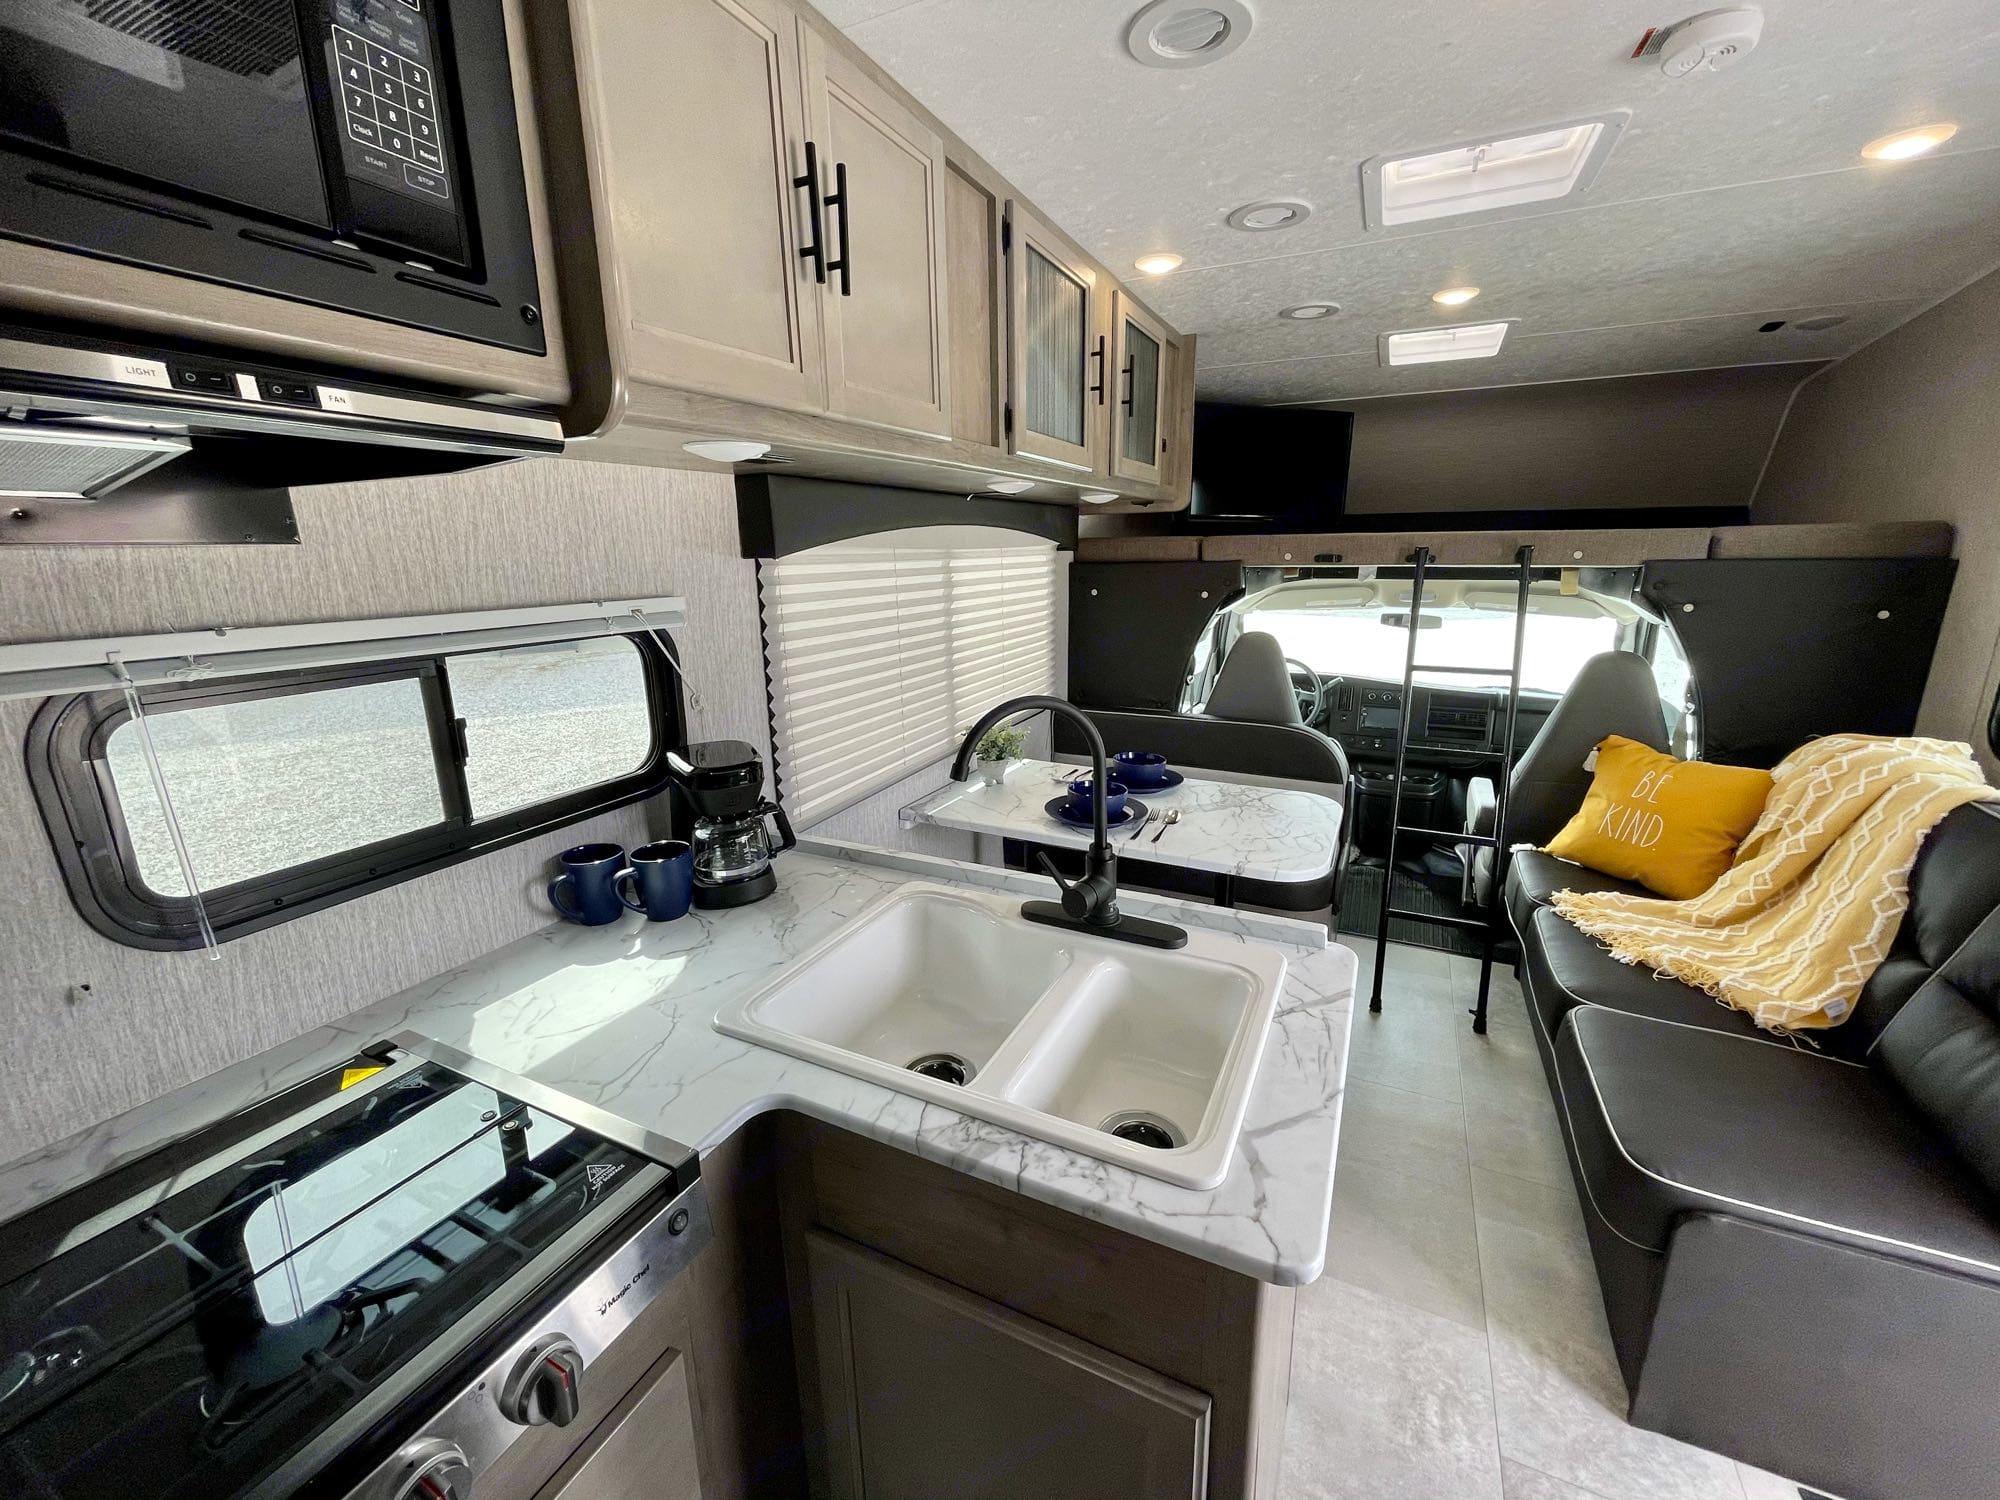 kitchen- gas stove, microwave, farmhouse sink. Coachmen Other 2021